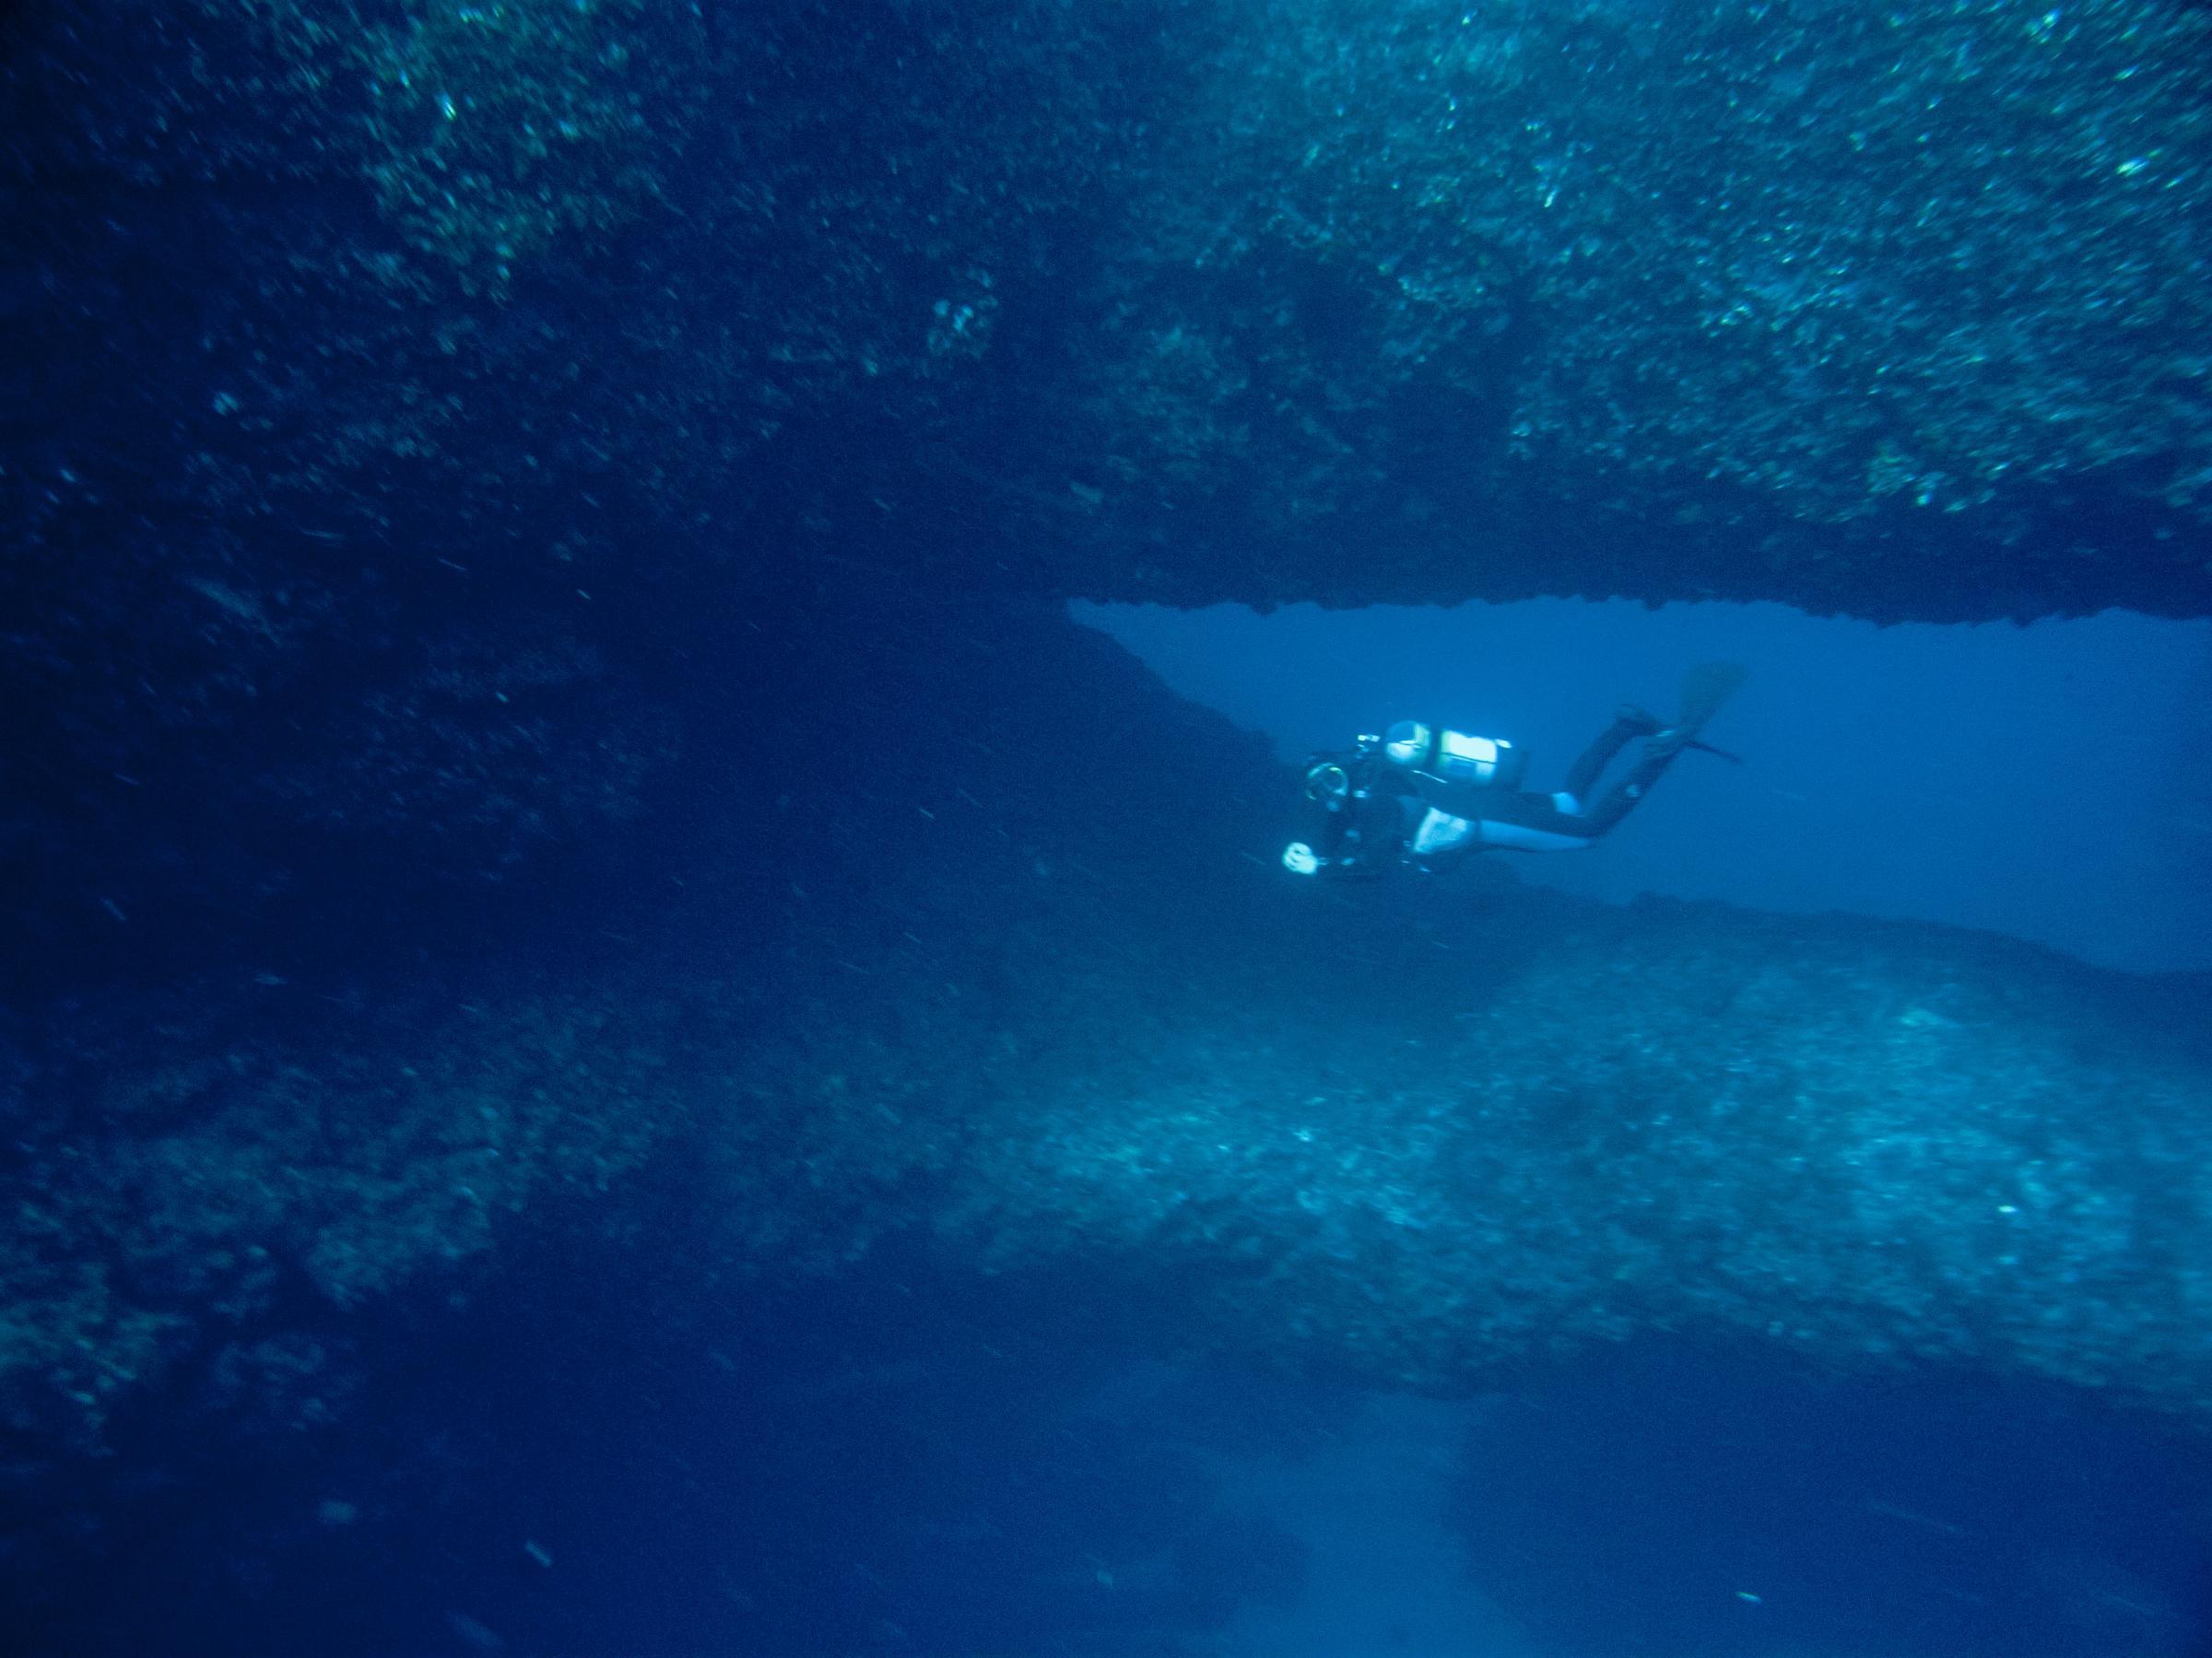 Double Arch dive site